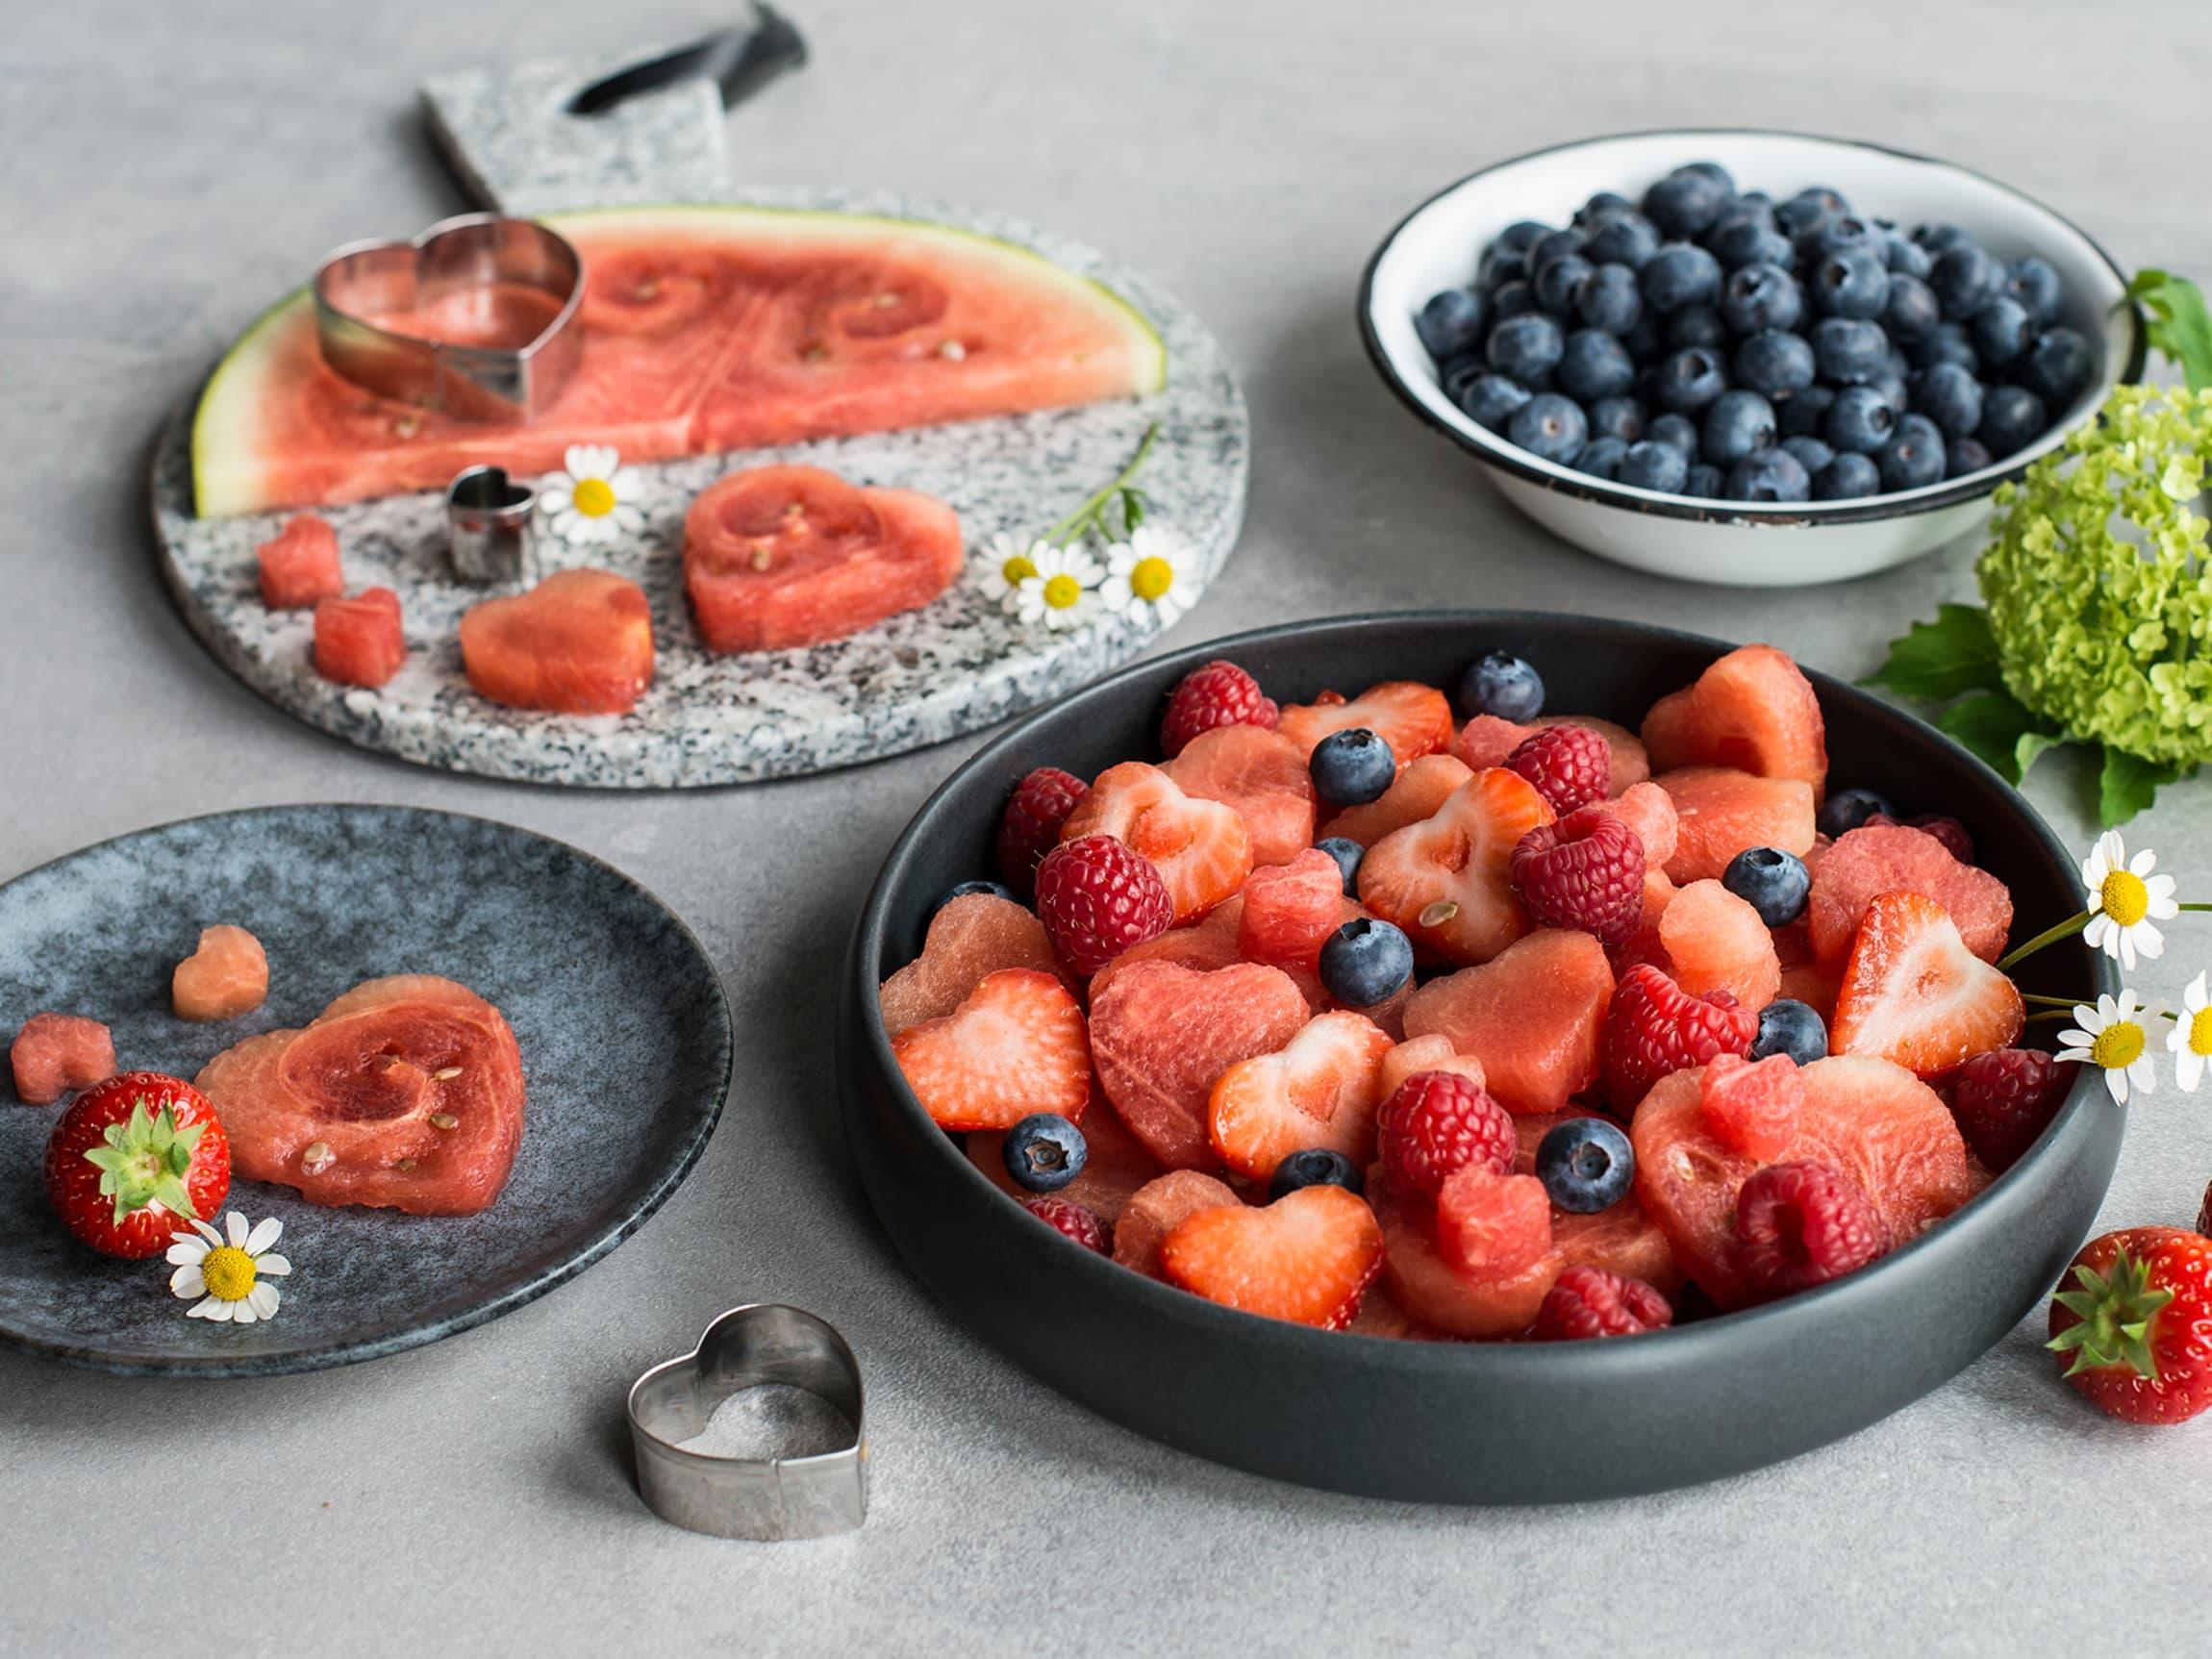 Bruk pepperkakerformer til å lage dekorative former av vannmelonen.